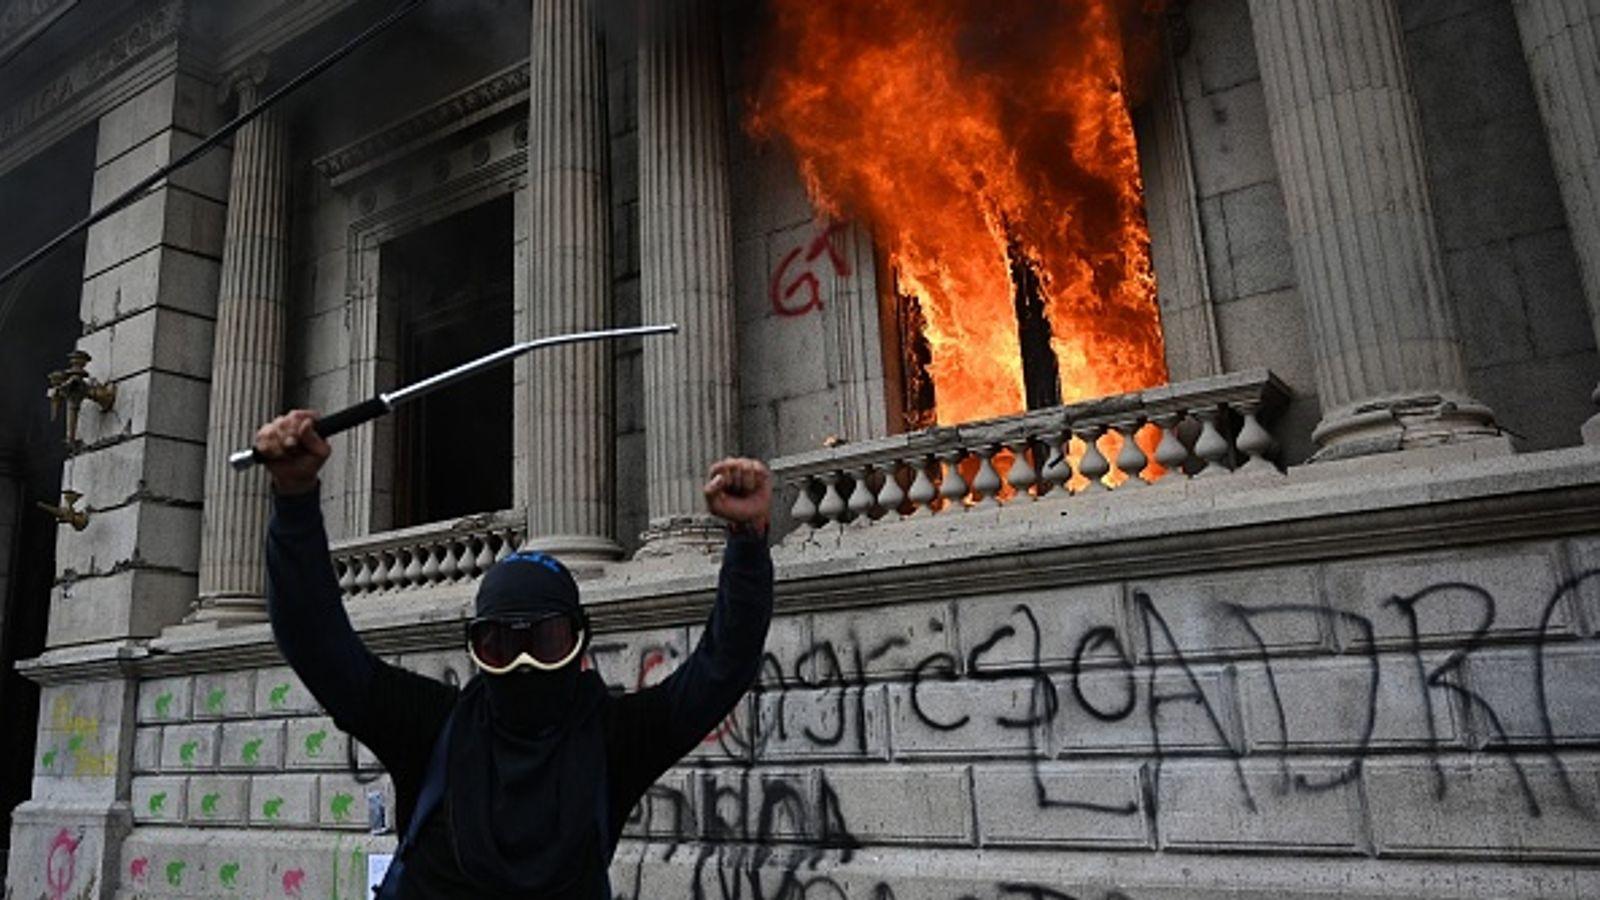 Congress building set on fire